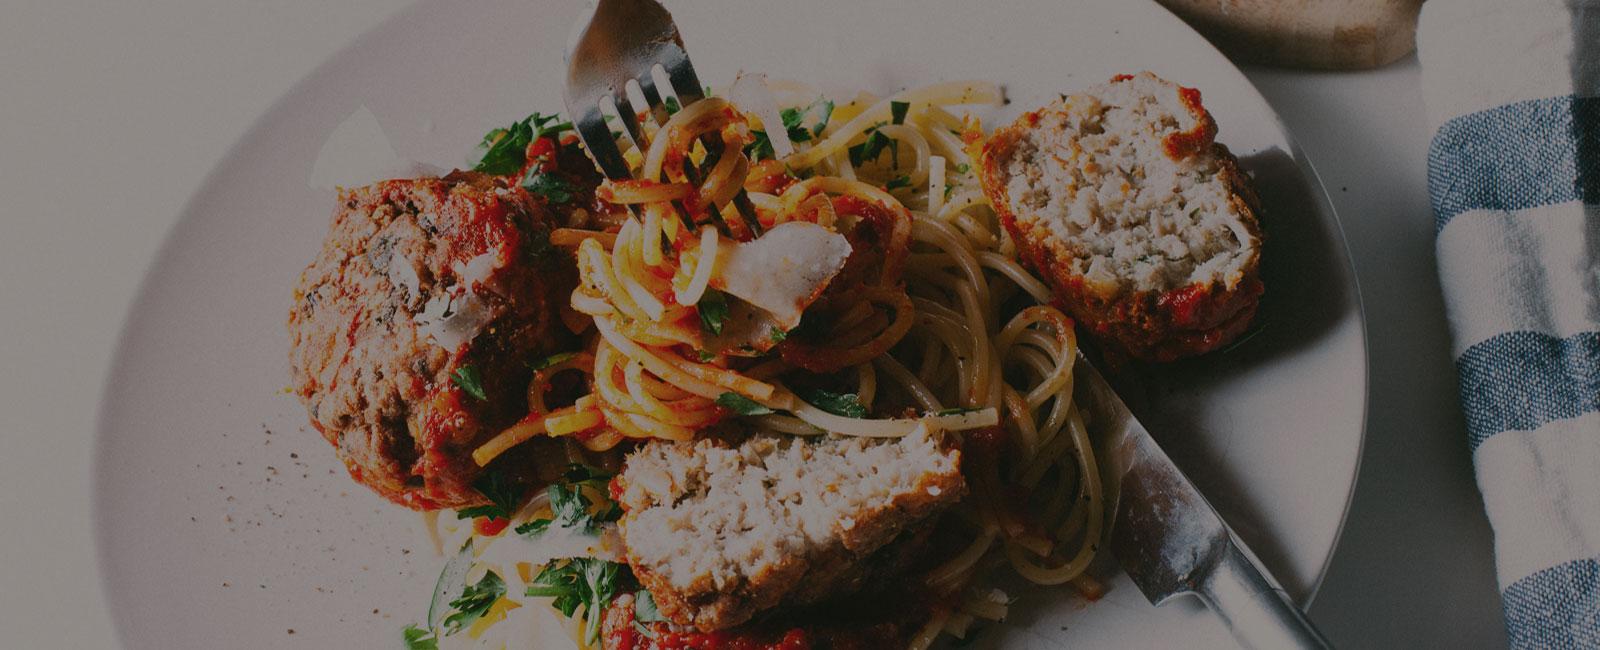 Pork Schnitzel + Mushroom Sauce Recipe